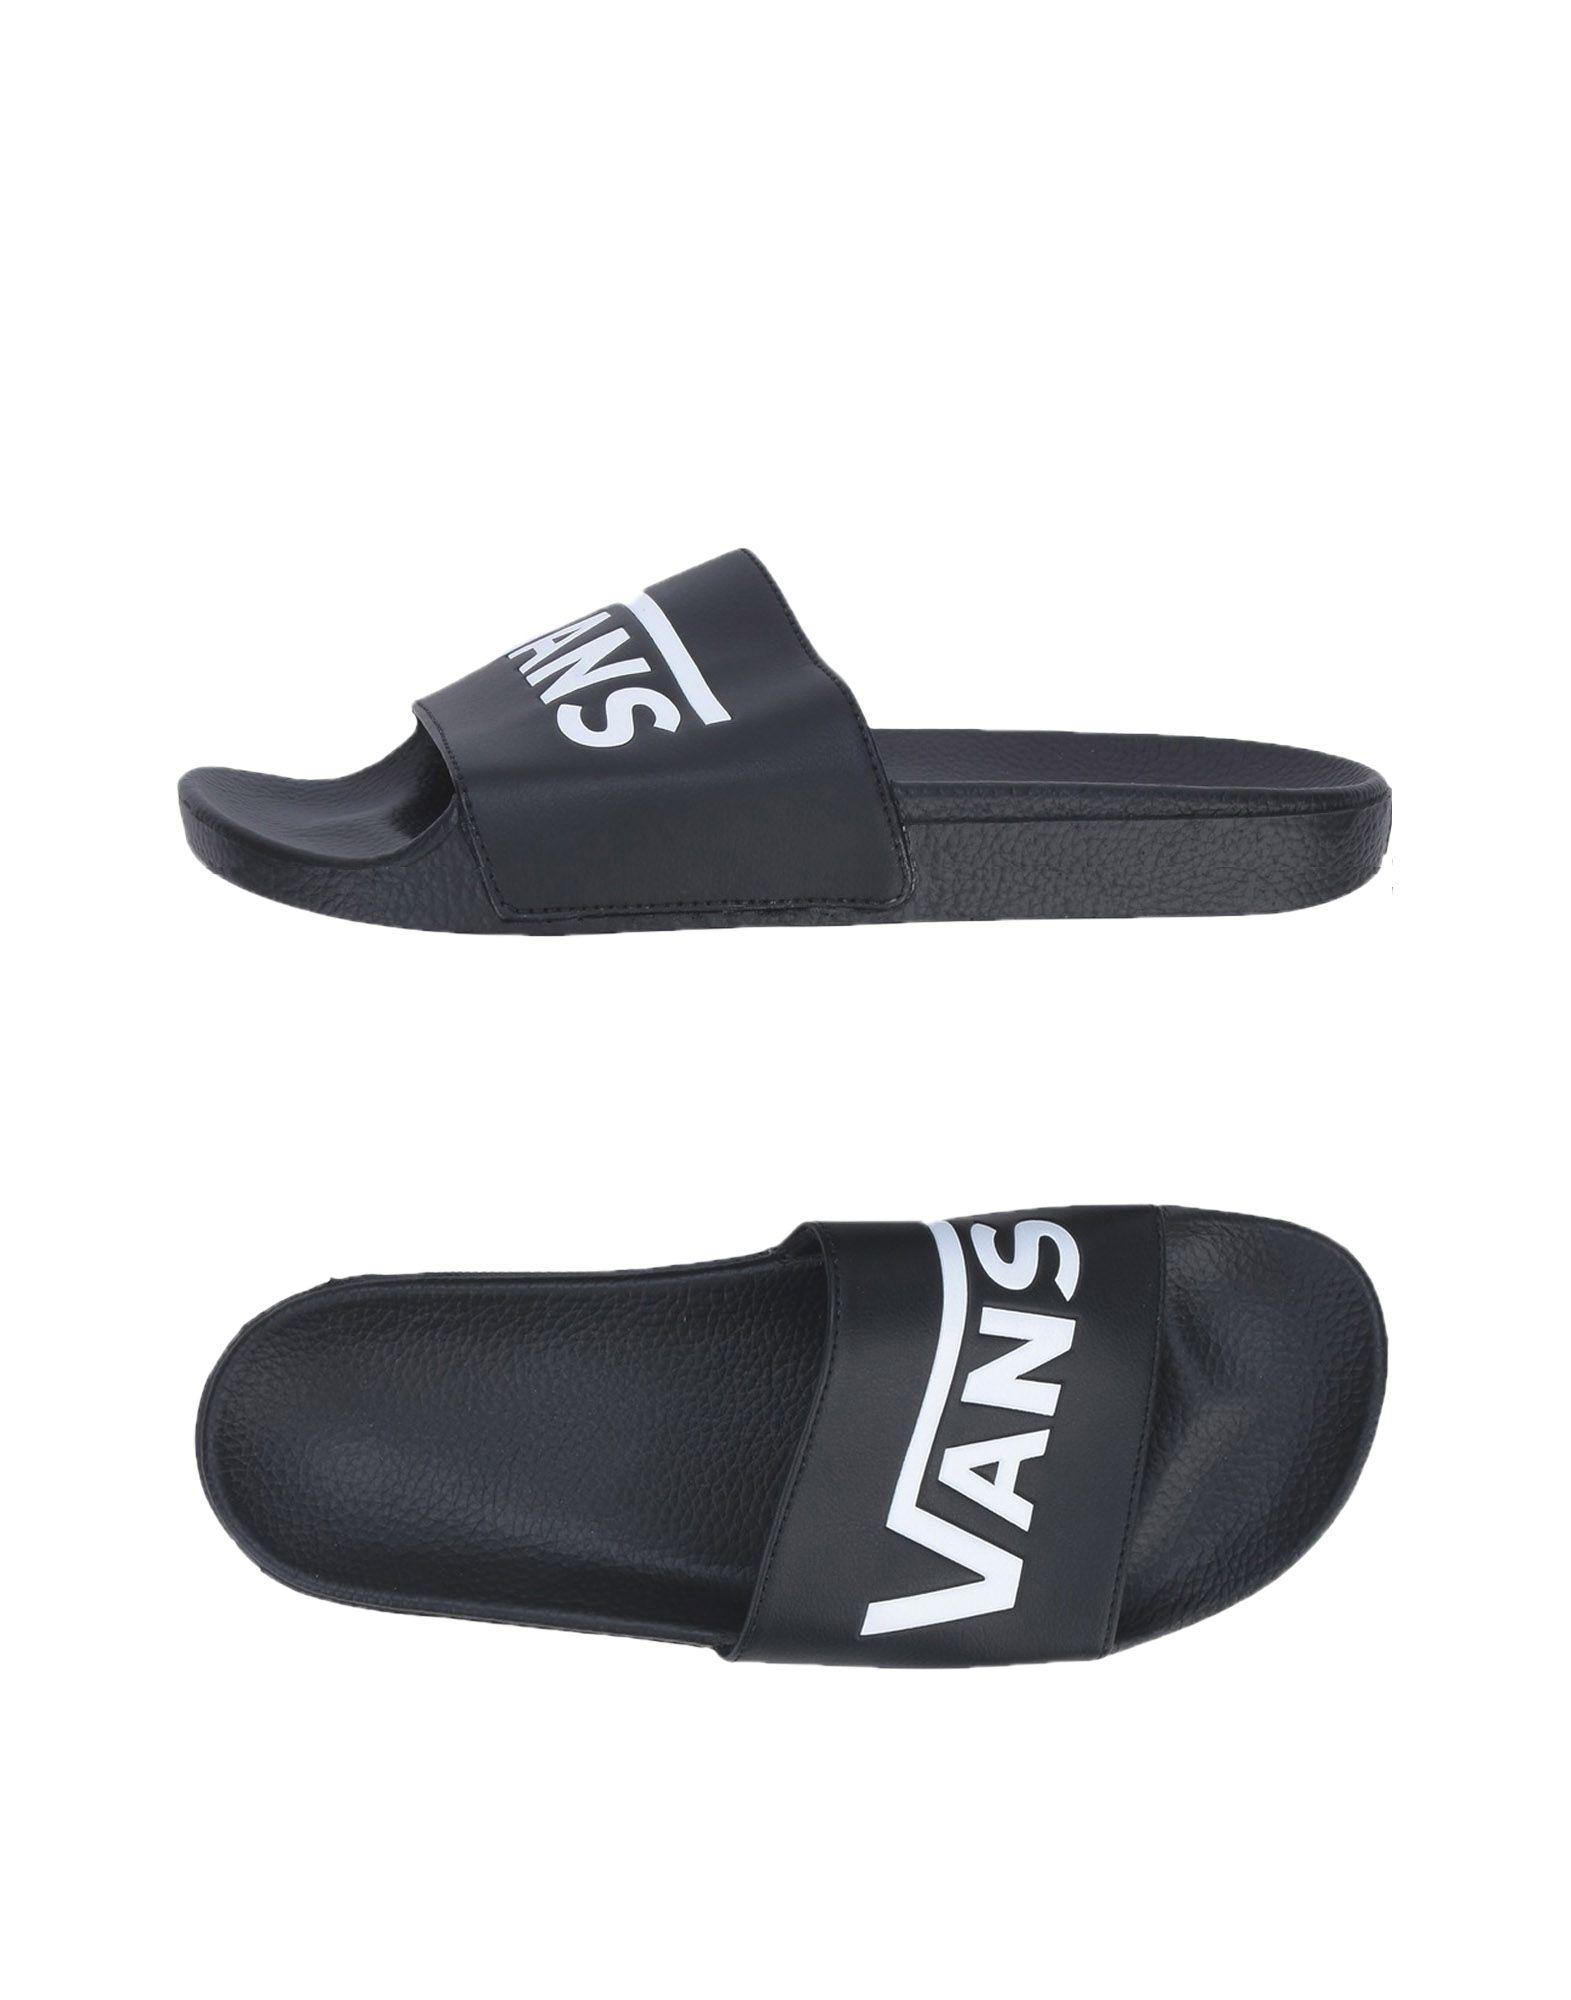 《送料無料》VANS メンズ サンダル ブラック 9 ゴム 100% MN SLIDE-ON